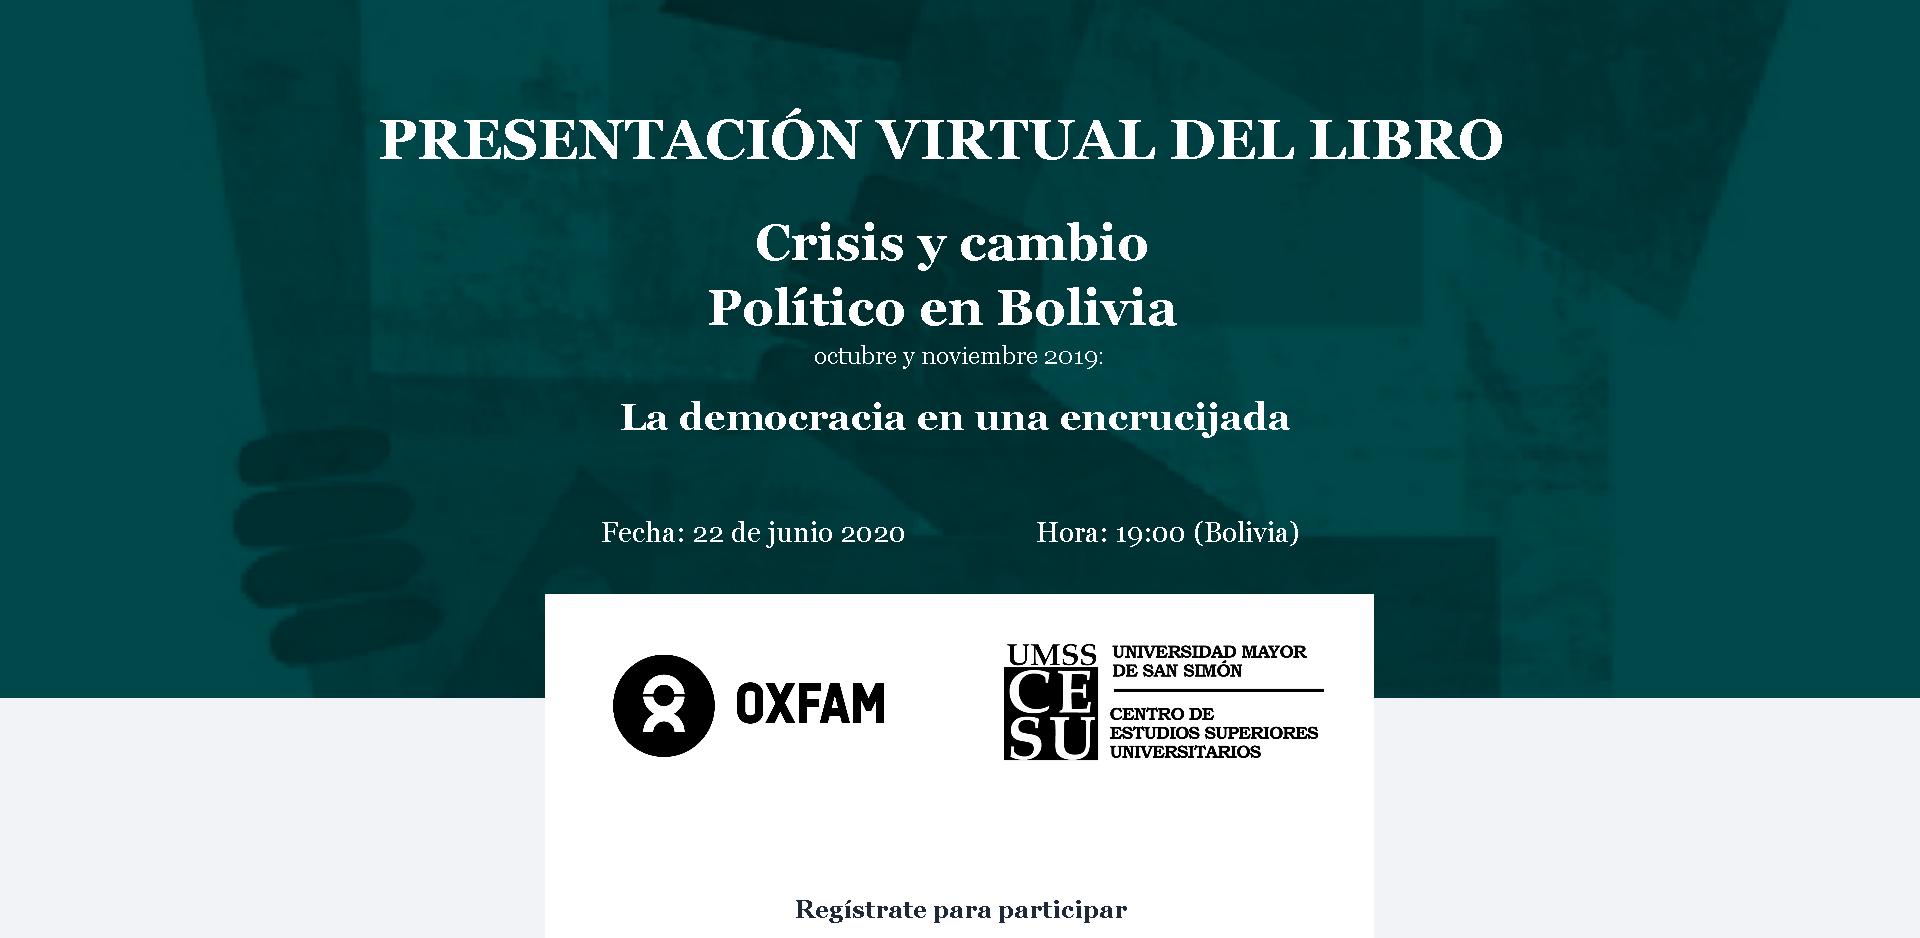 Presentación virtual del libro